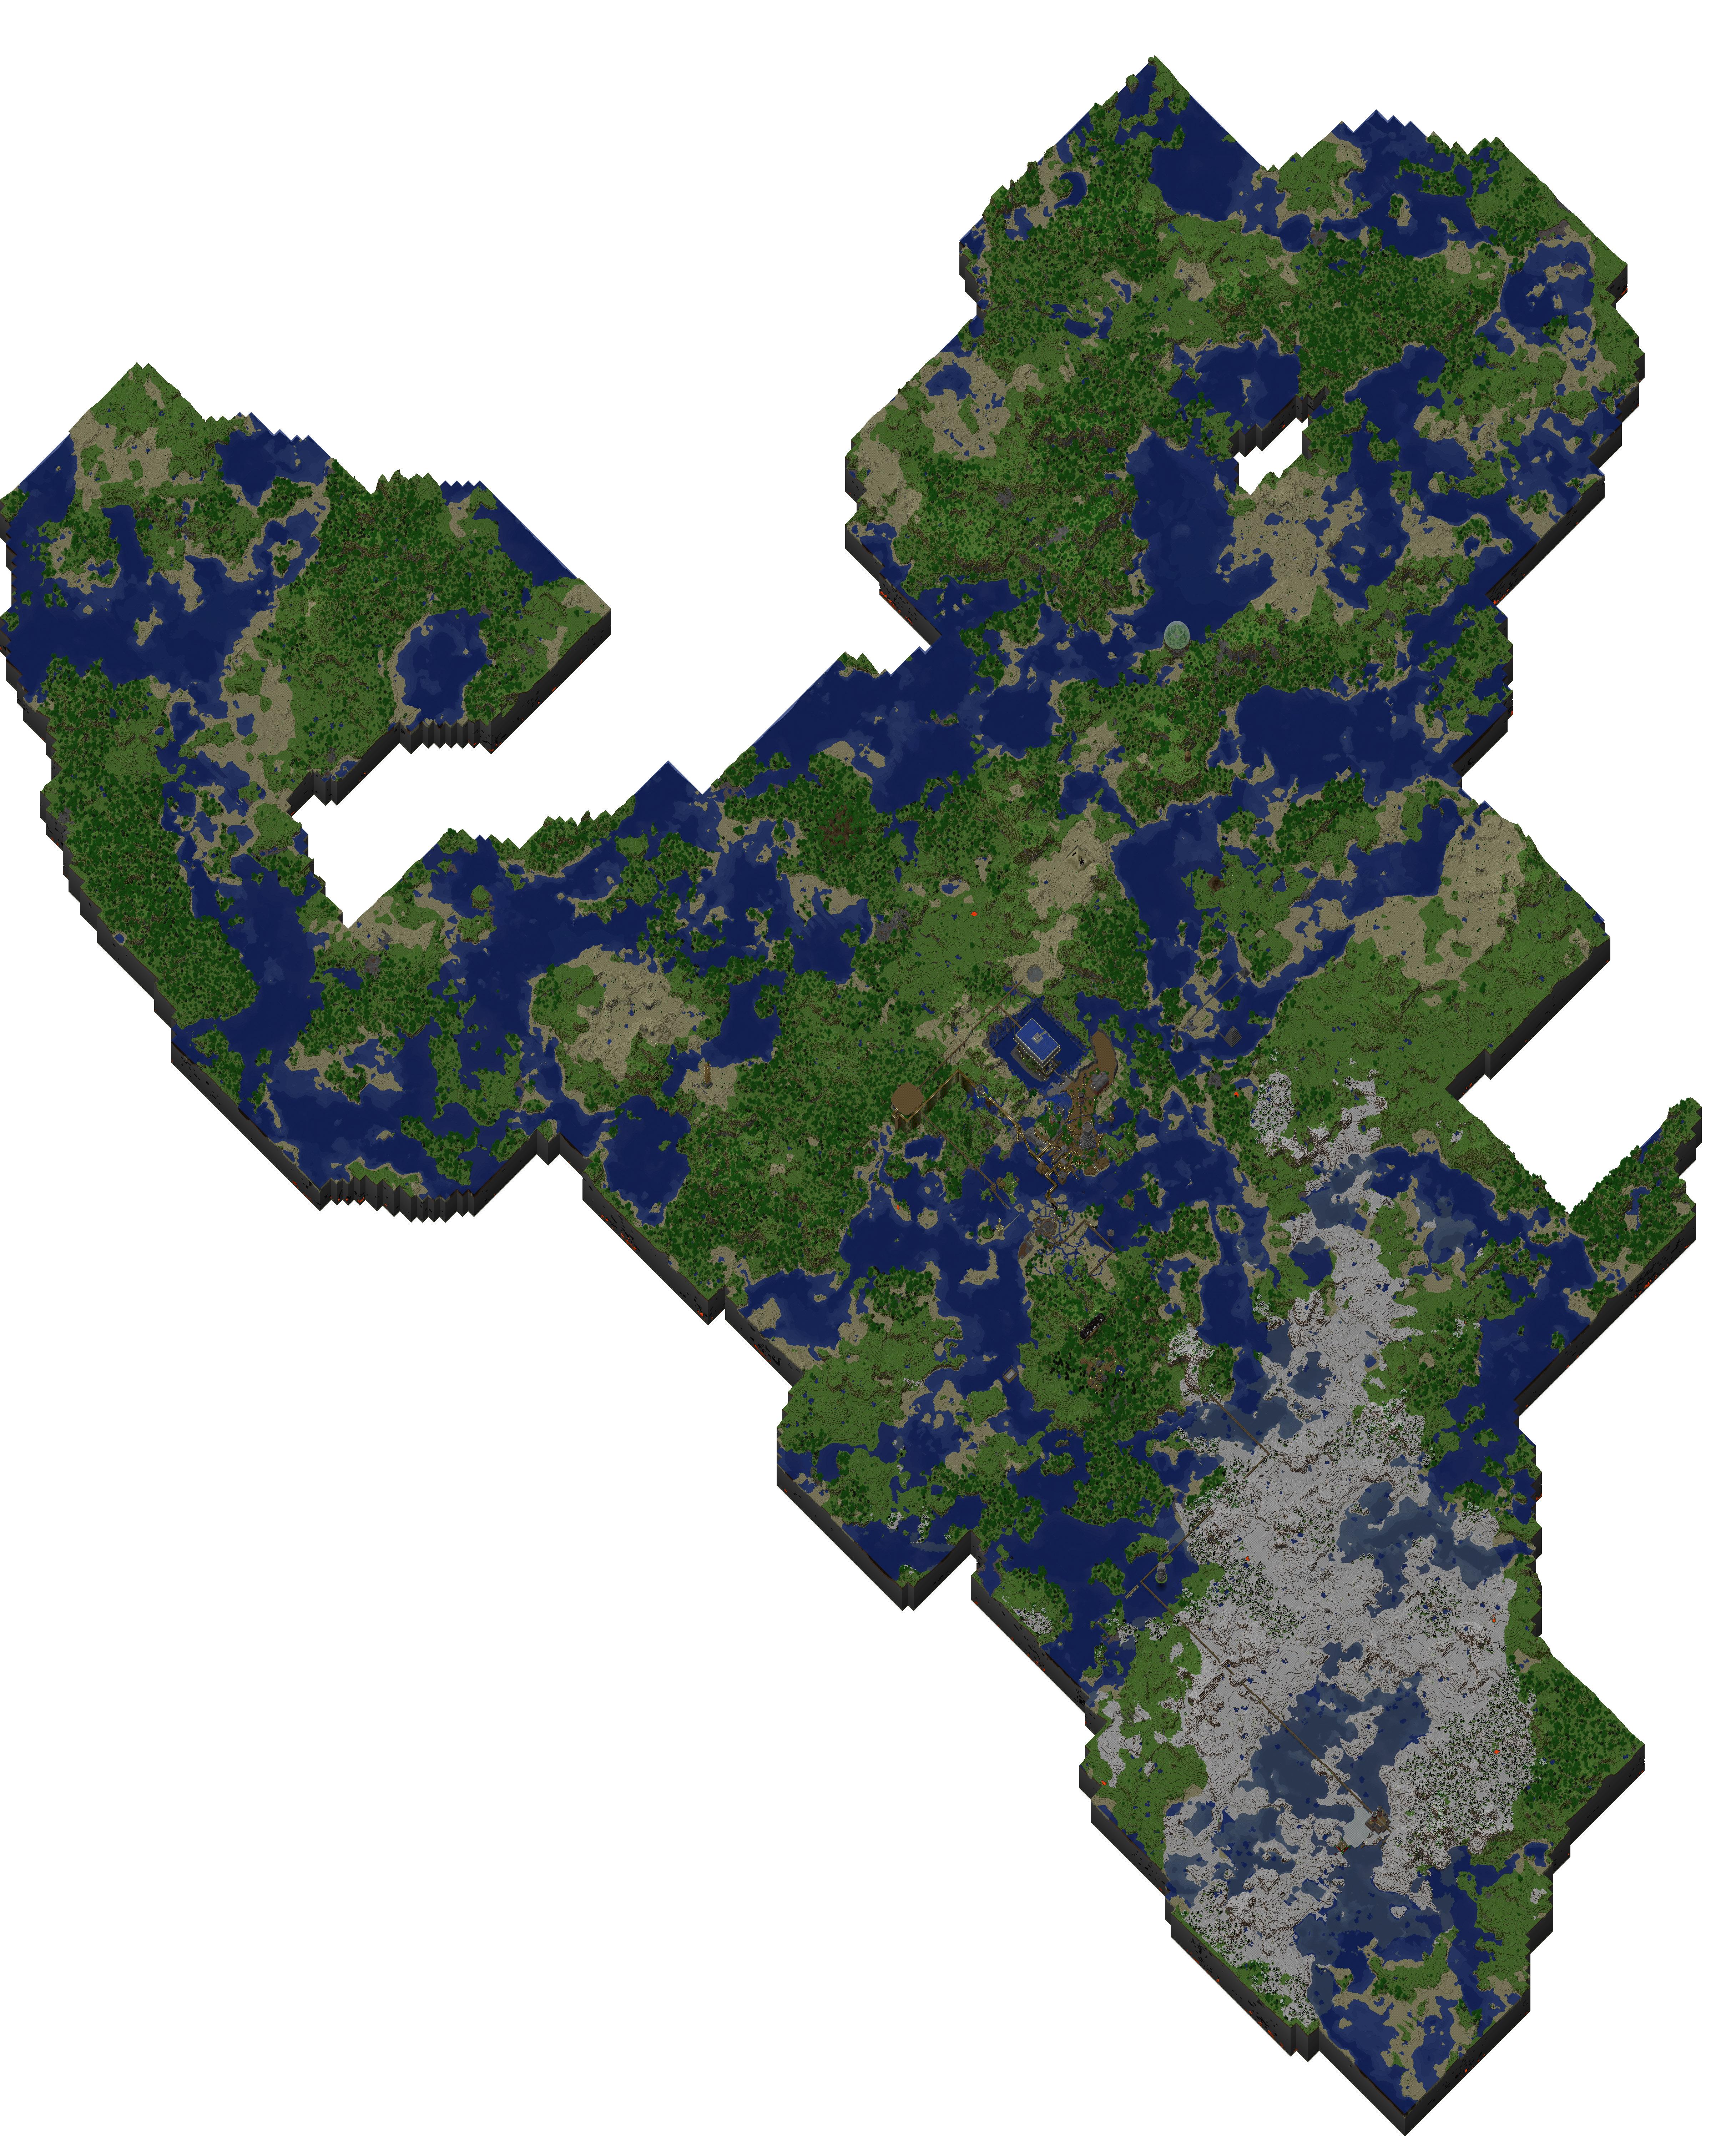 Theugcc Minecraft Jpeg Map